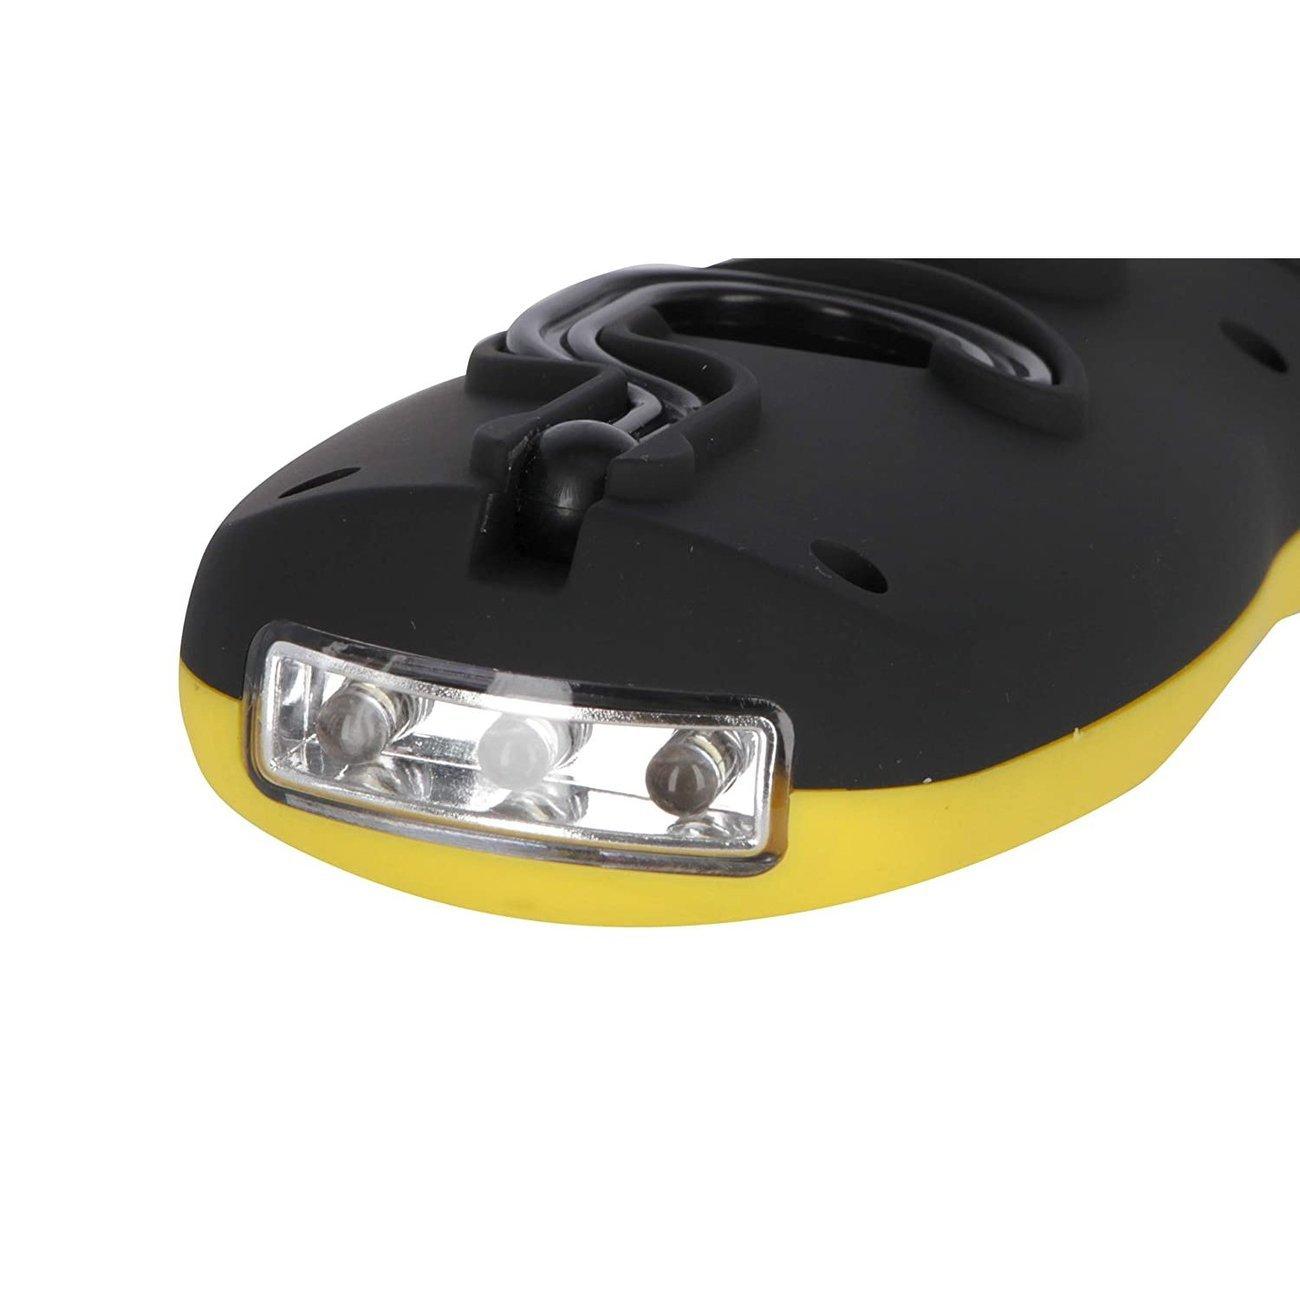 Kerbl LED-Arbeitsleuchte WorkFire, Bild 2